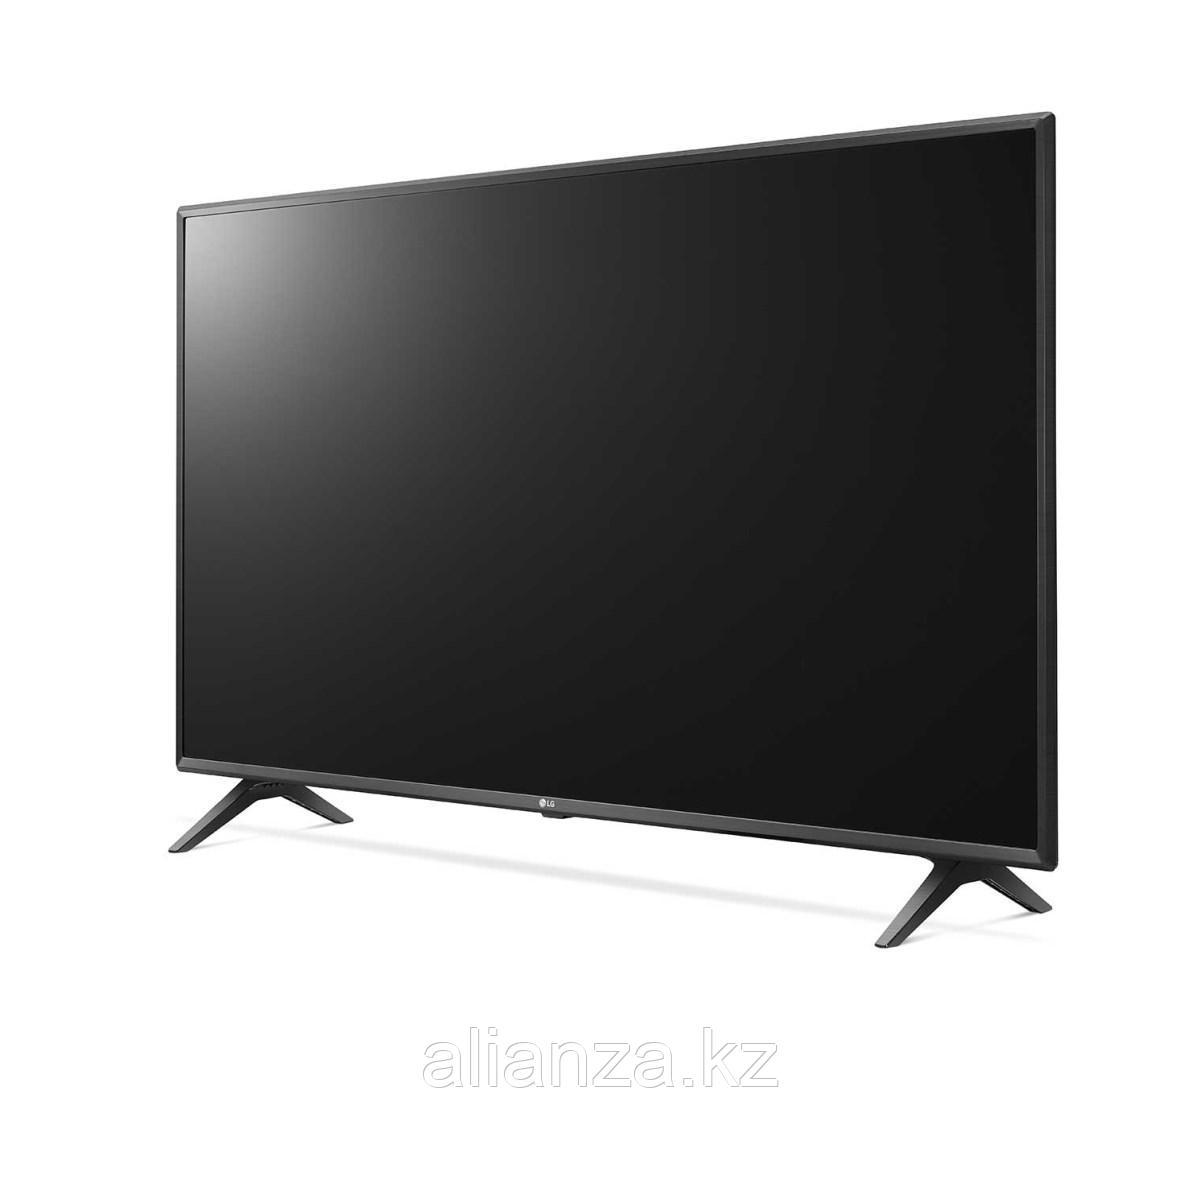 LED телевизор LG 50UM7500 - фото 3